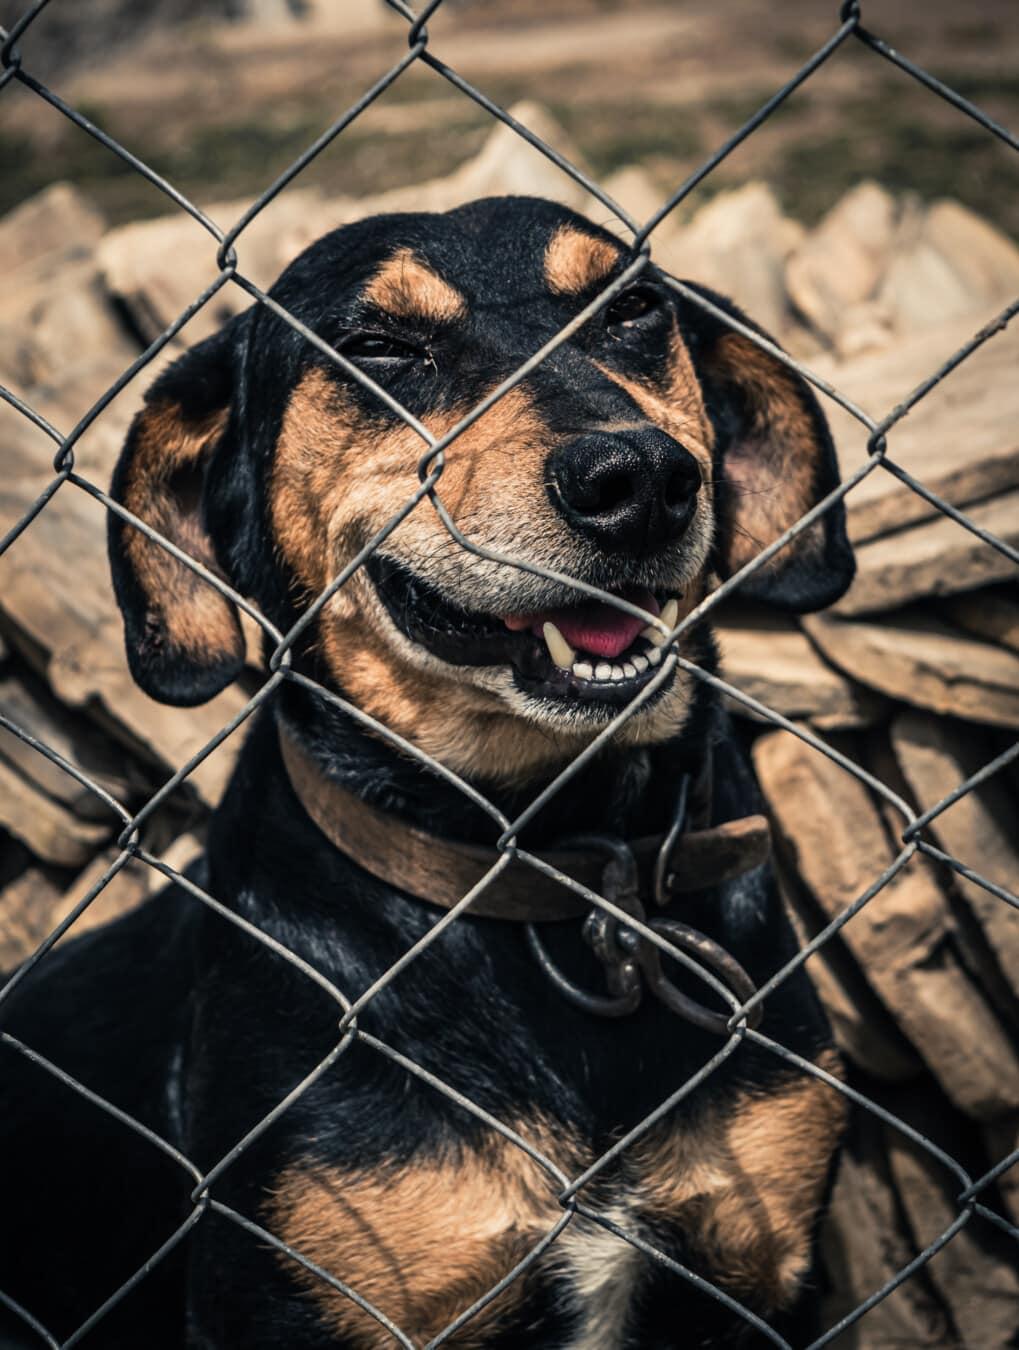 adorable, noir, chien, clôture, tête, langue maternelle, nez, dents, fermer, mignon